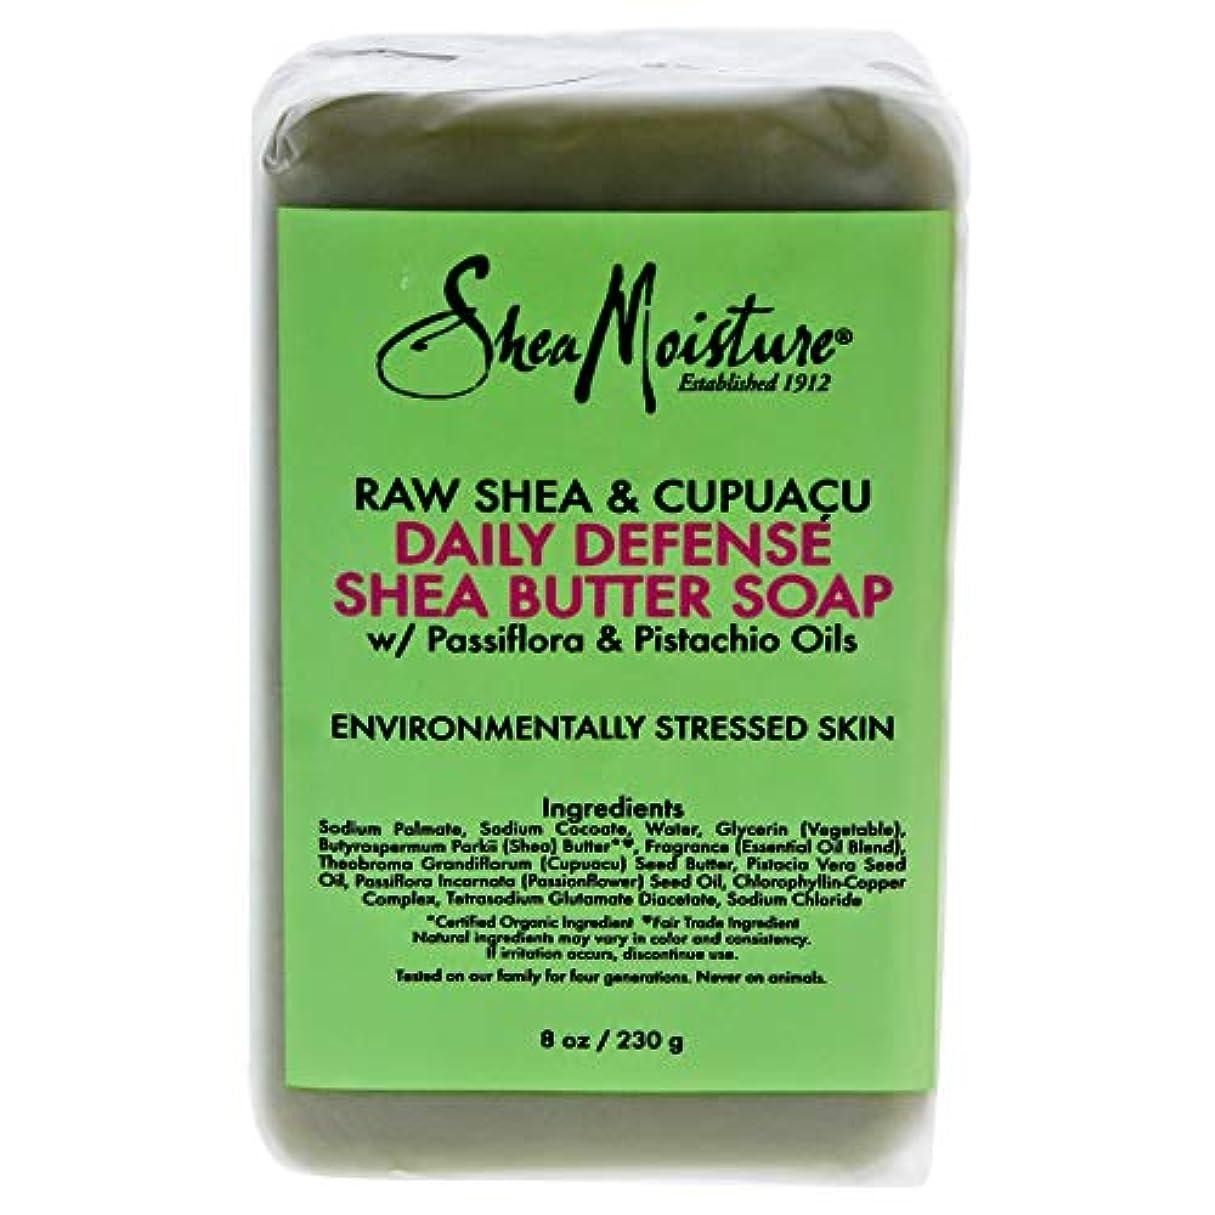 社会主義者絵ランタンShea Moisture U-BB-2717 Raw Shea & Cupuacu Daily Defense Shea Butter Soap for Unisex - 8 oz